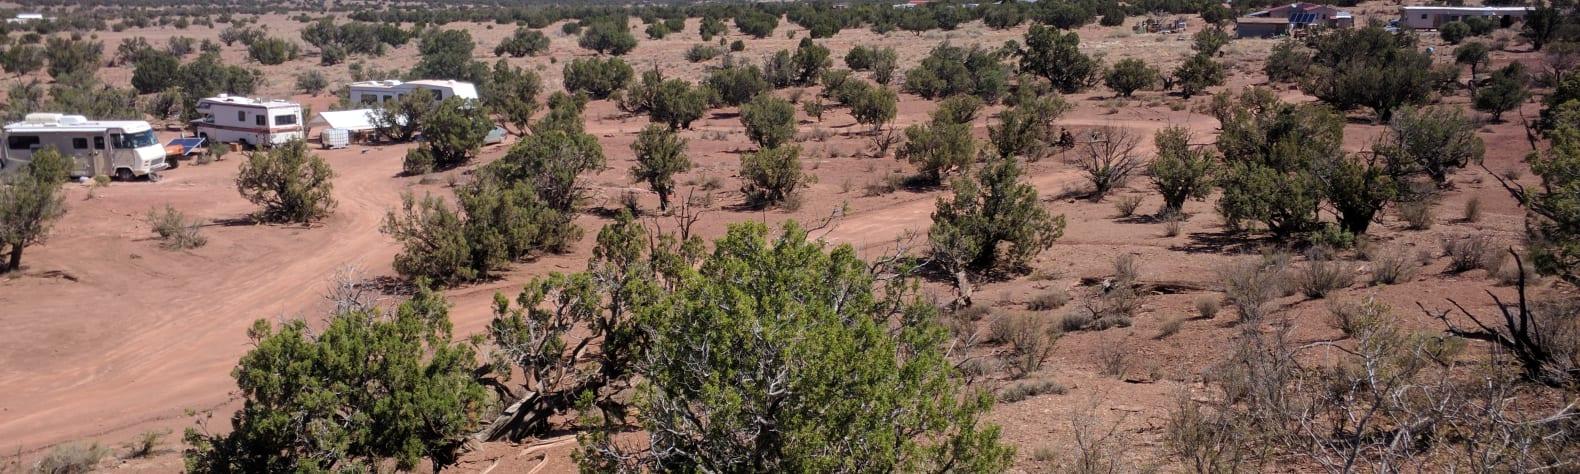 Bonnie K.'s Land